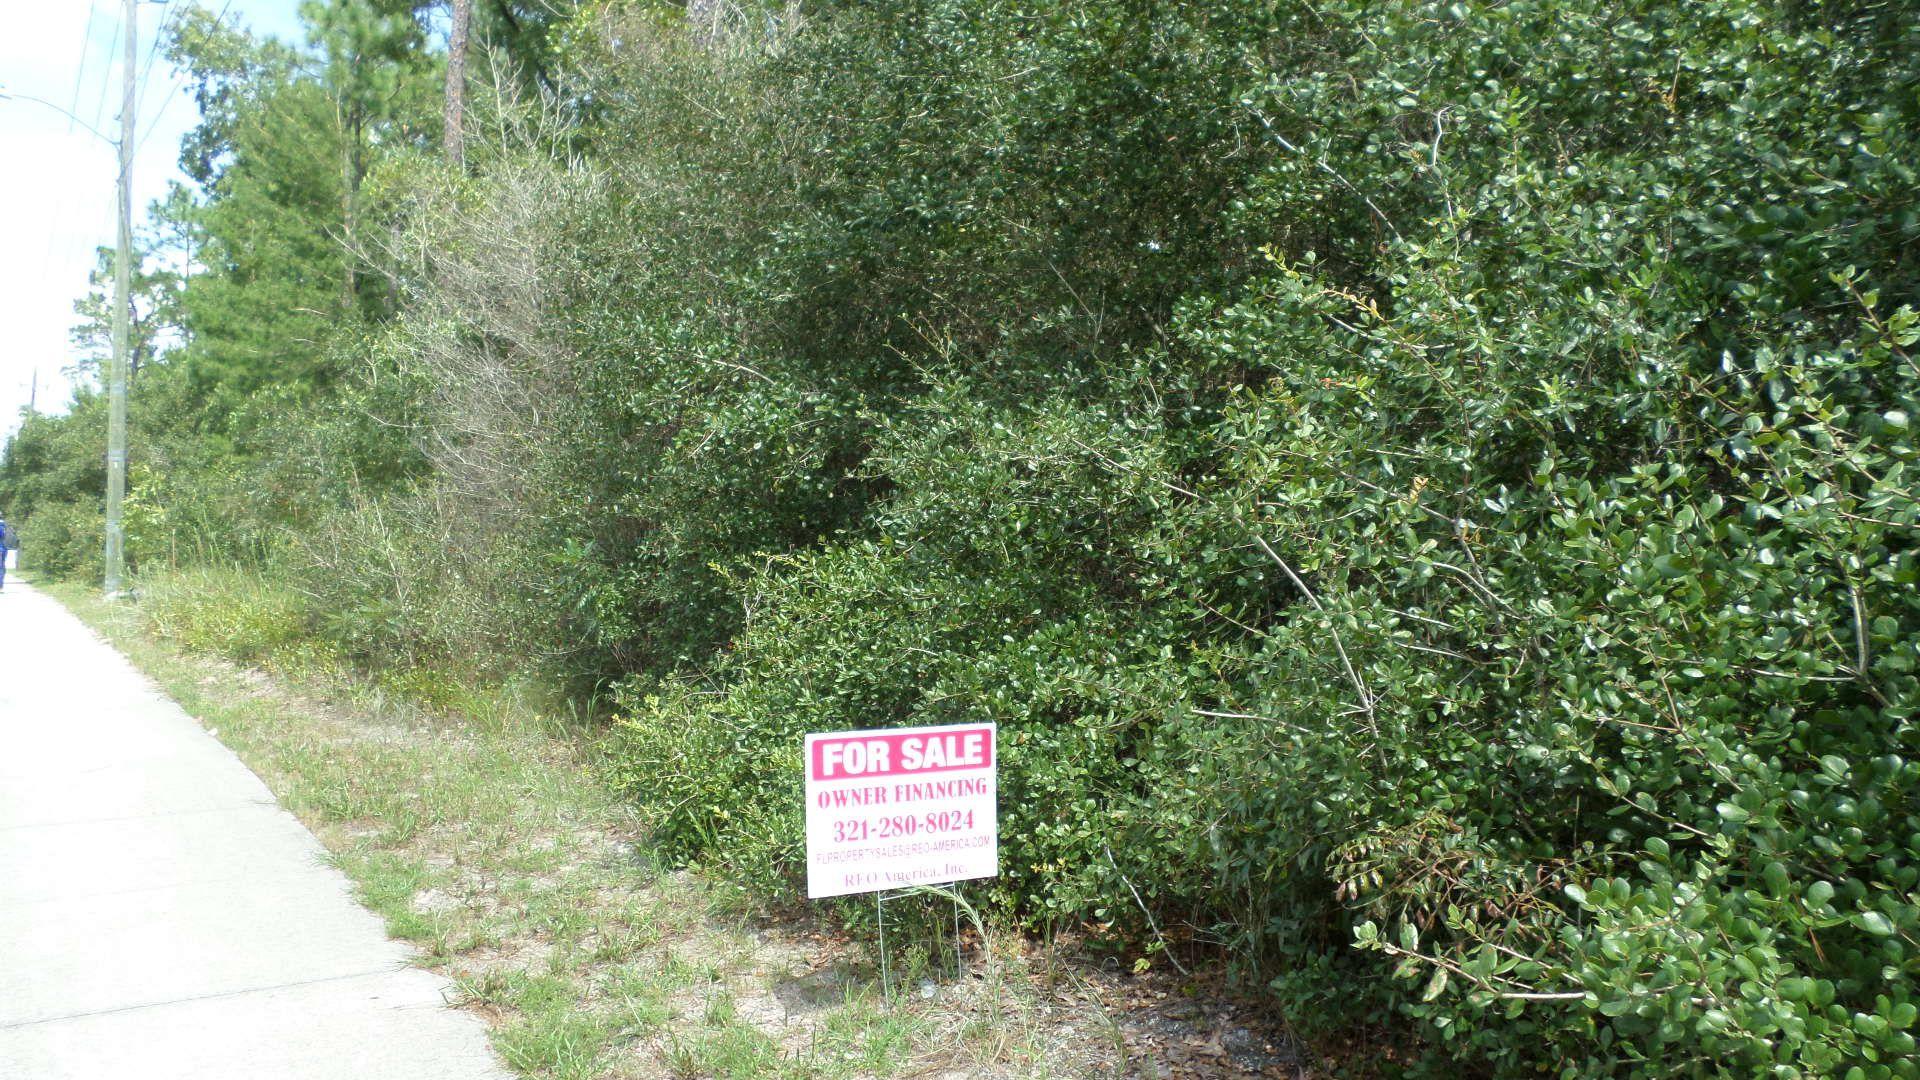 1337 Courtland Blvd, Deltona, FL 32738 - Lot/Land - MLS #V4900535 - 4  Photos   Trulia